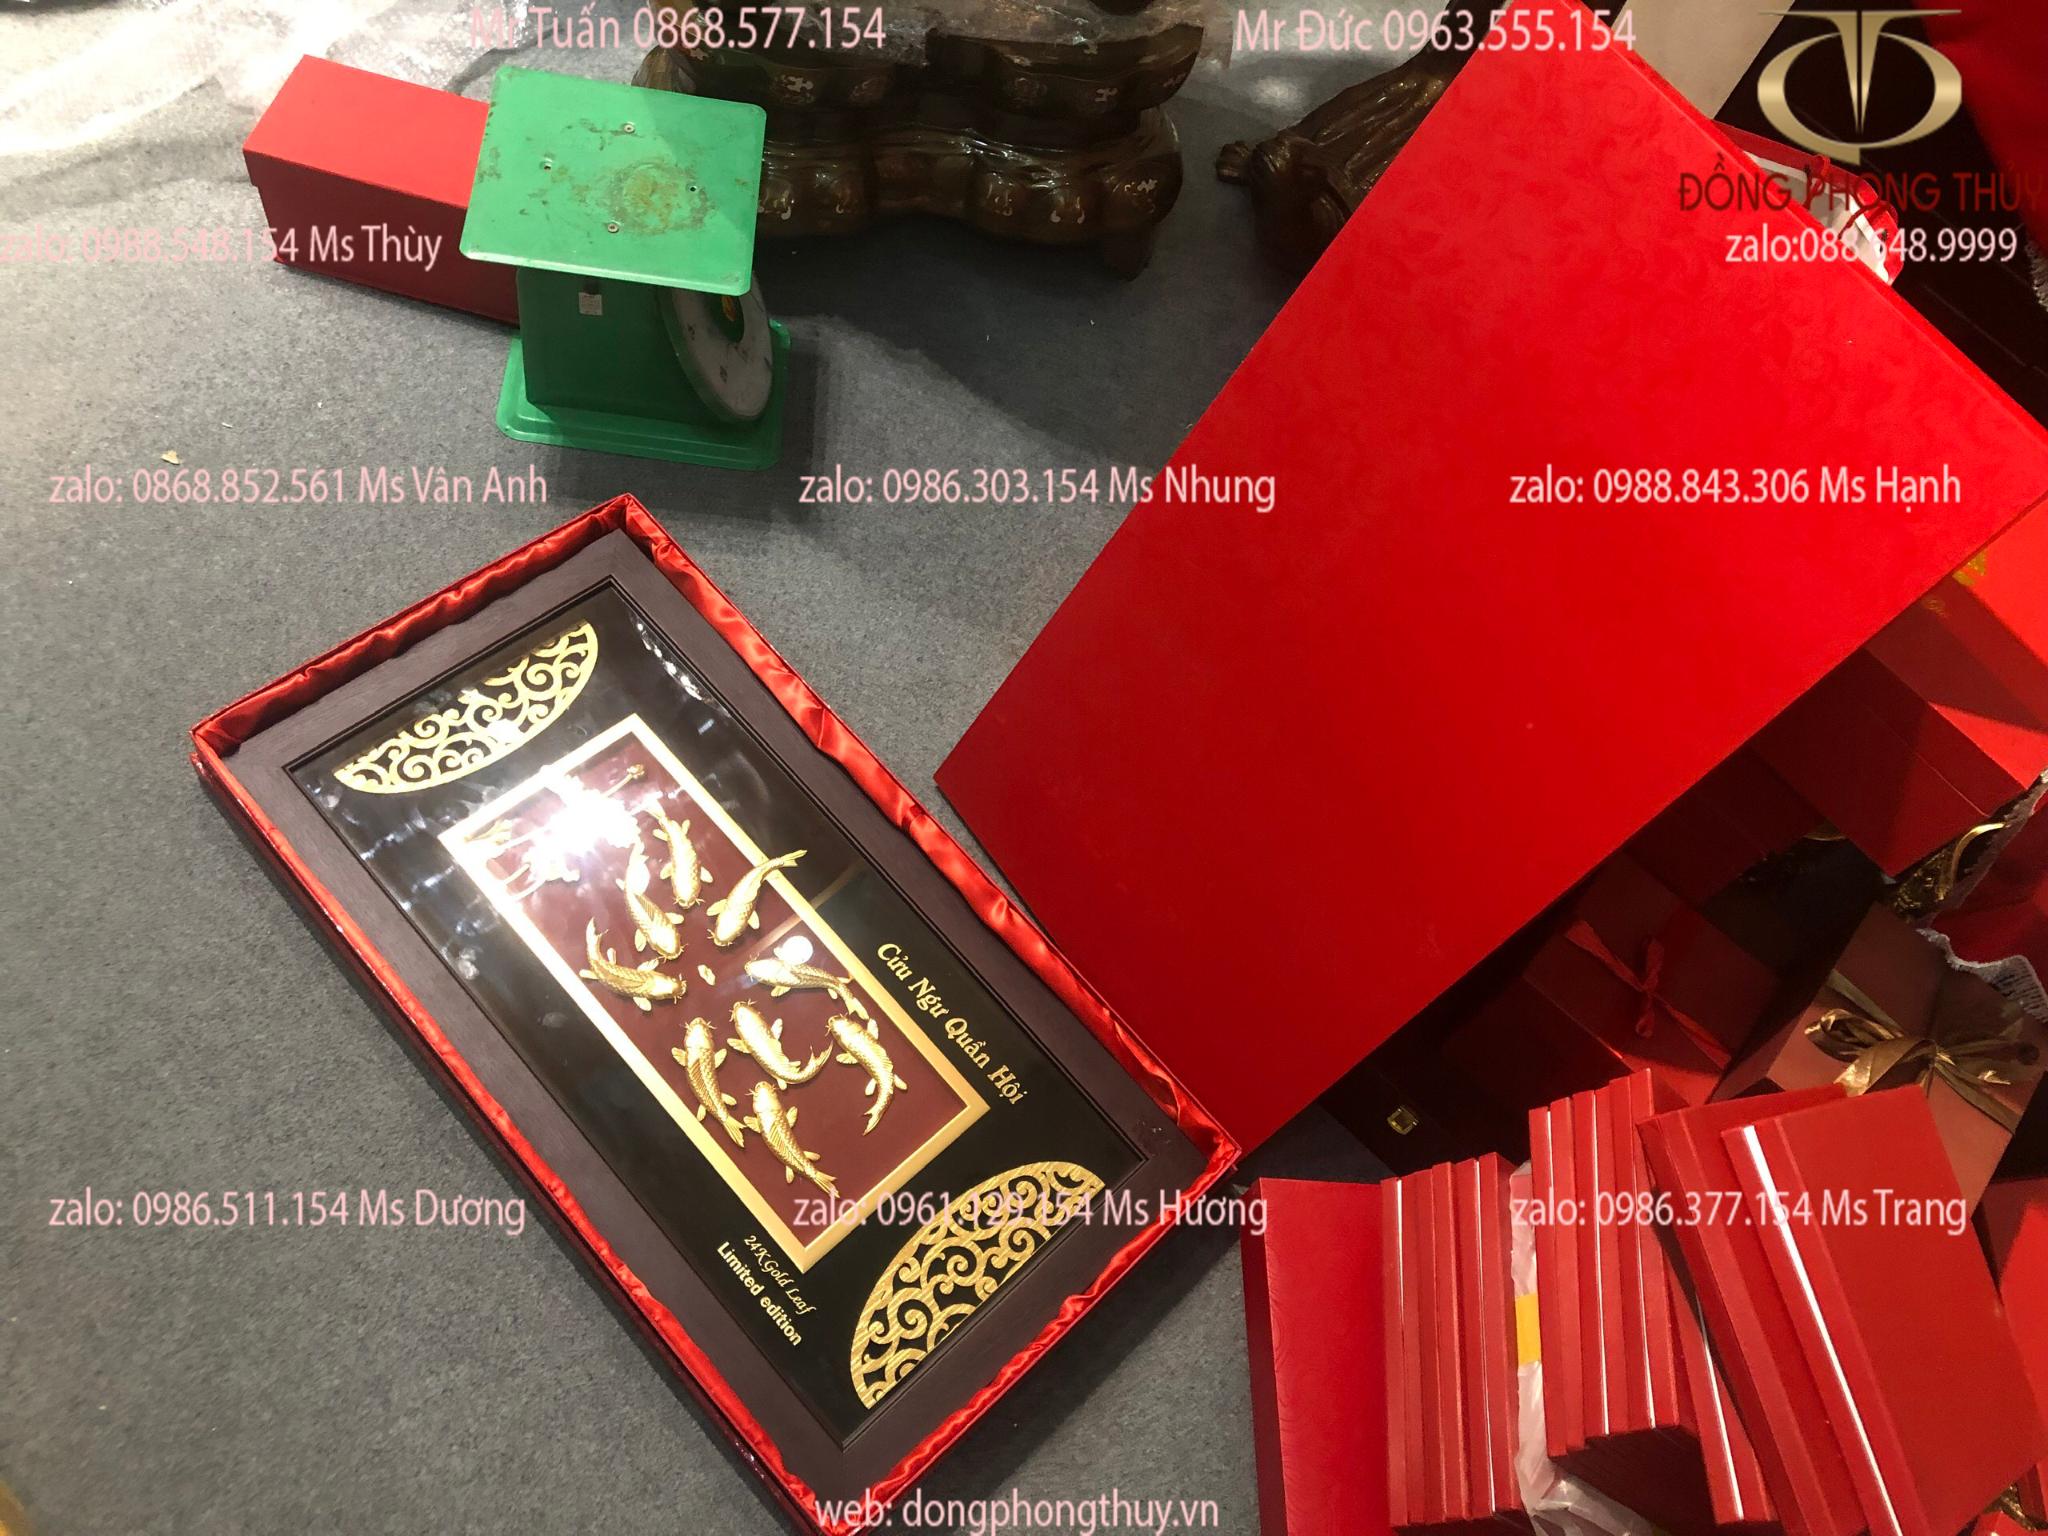 Tranh quà tặng sếp Cửu Ngư Quần Hội 81*42cm Vip mạ vàng 24k